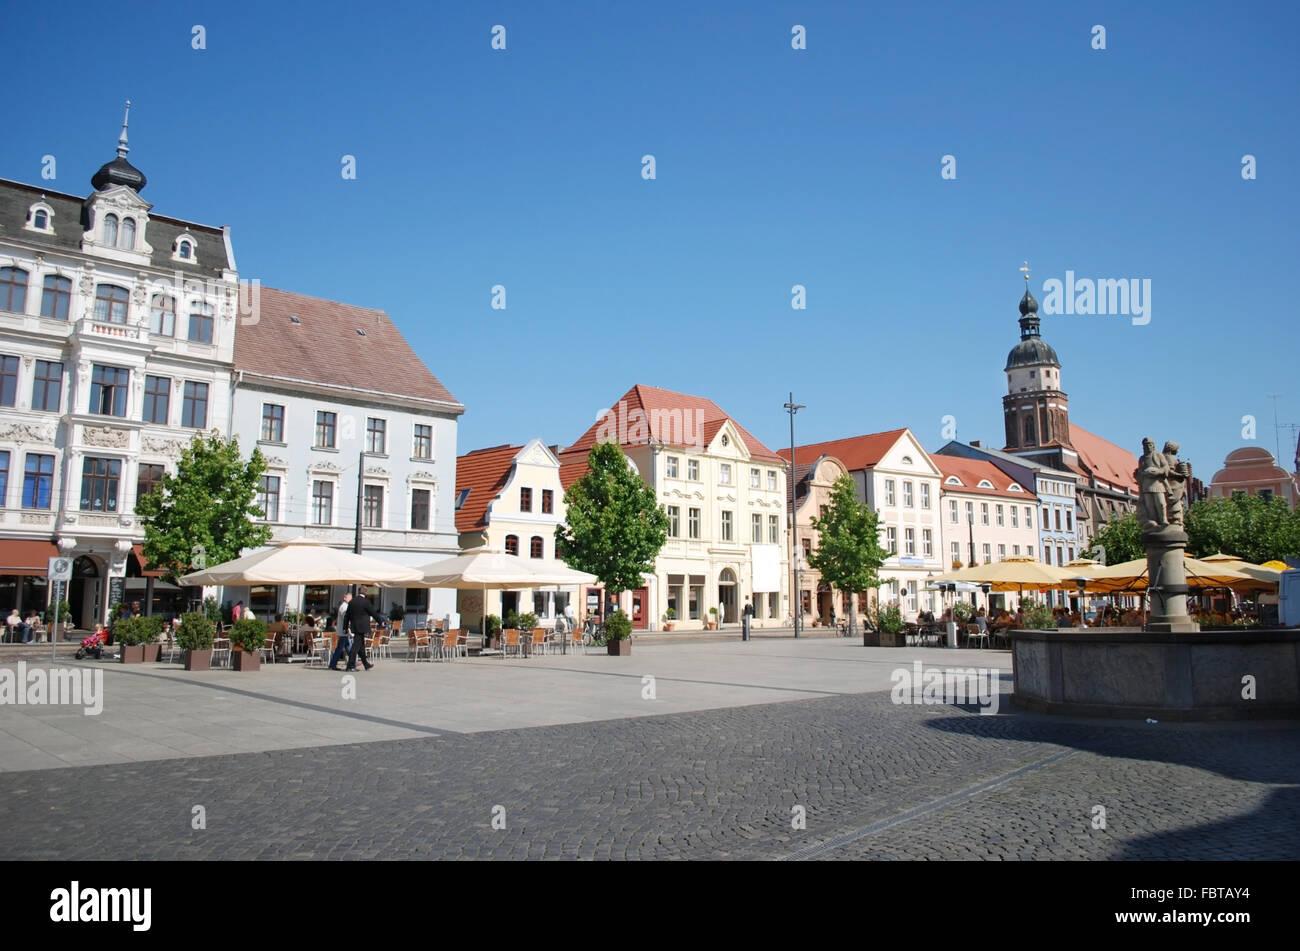 cottbus altmarkt - Stock Image